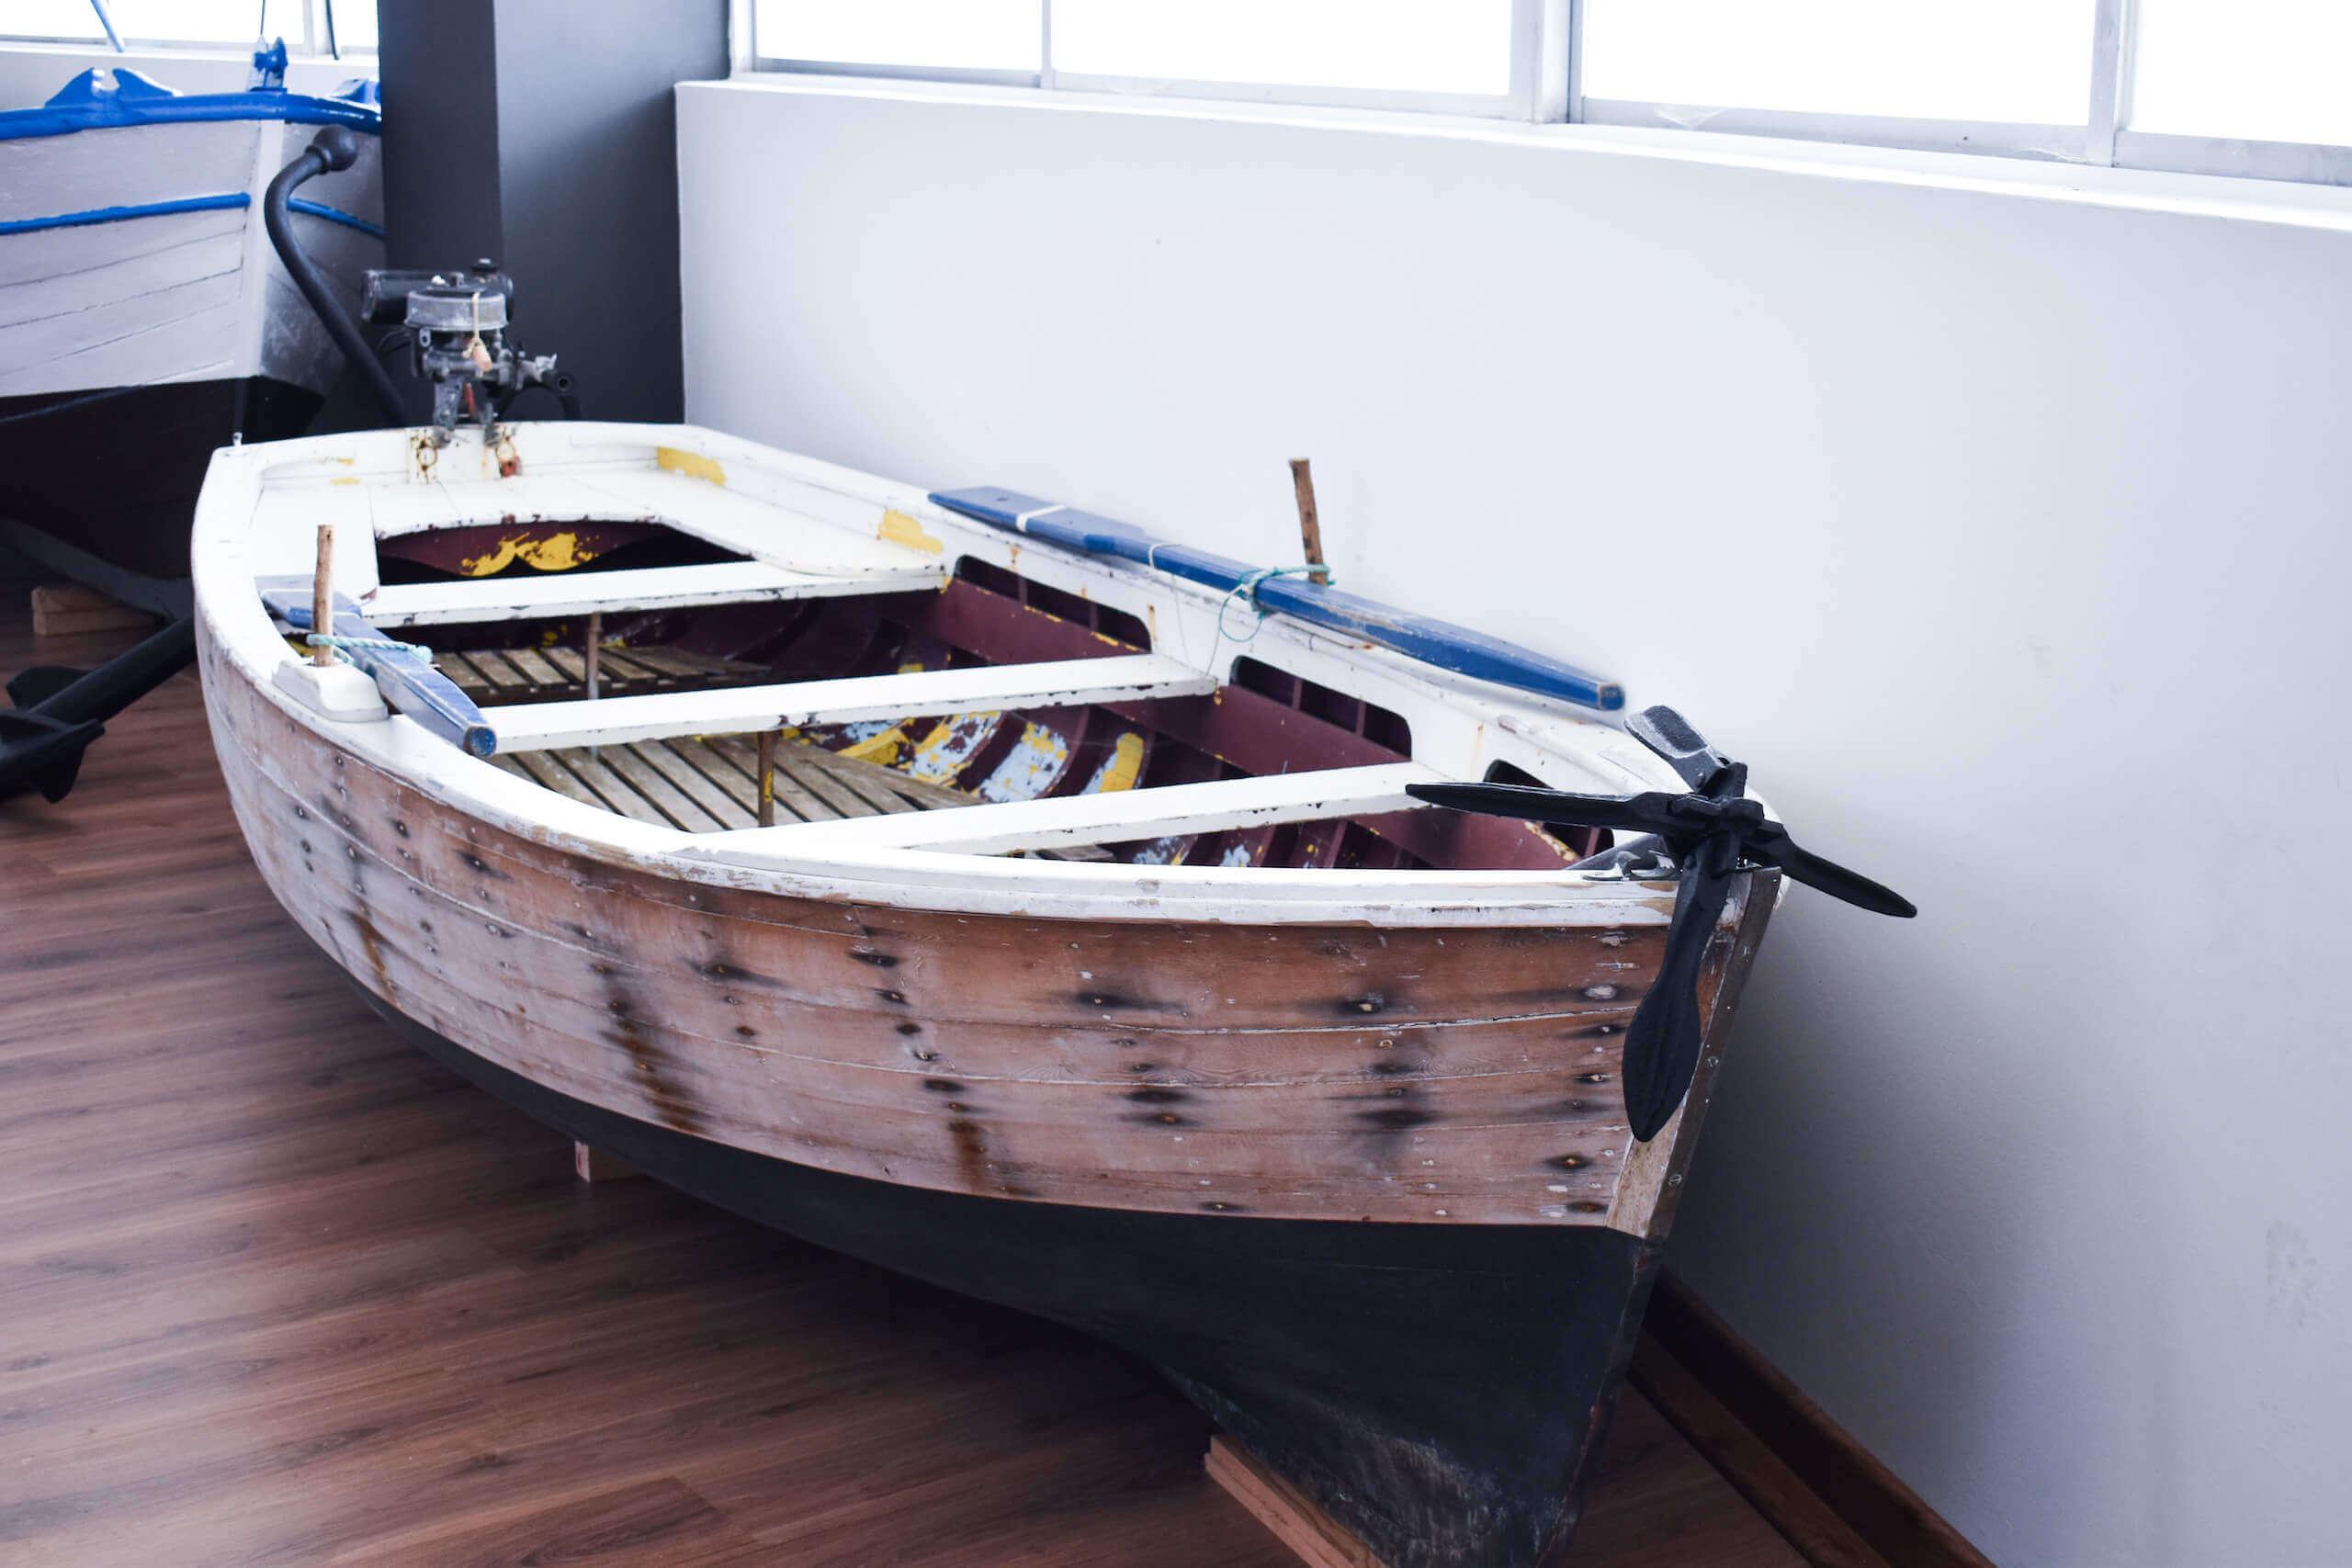 Ejemplo de embarcaciones tipicas de Cedeira - Museo Mares de Cedeira